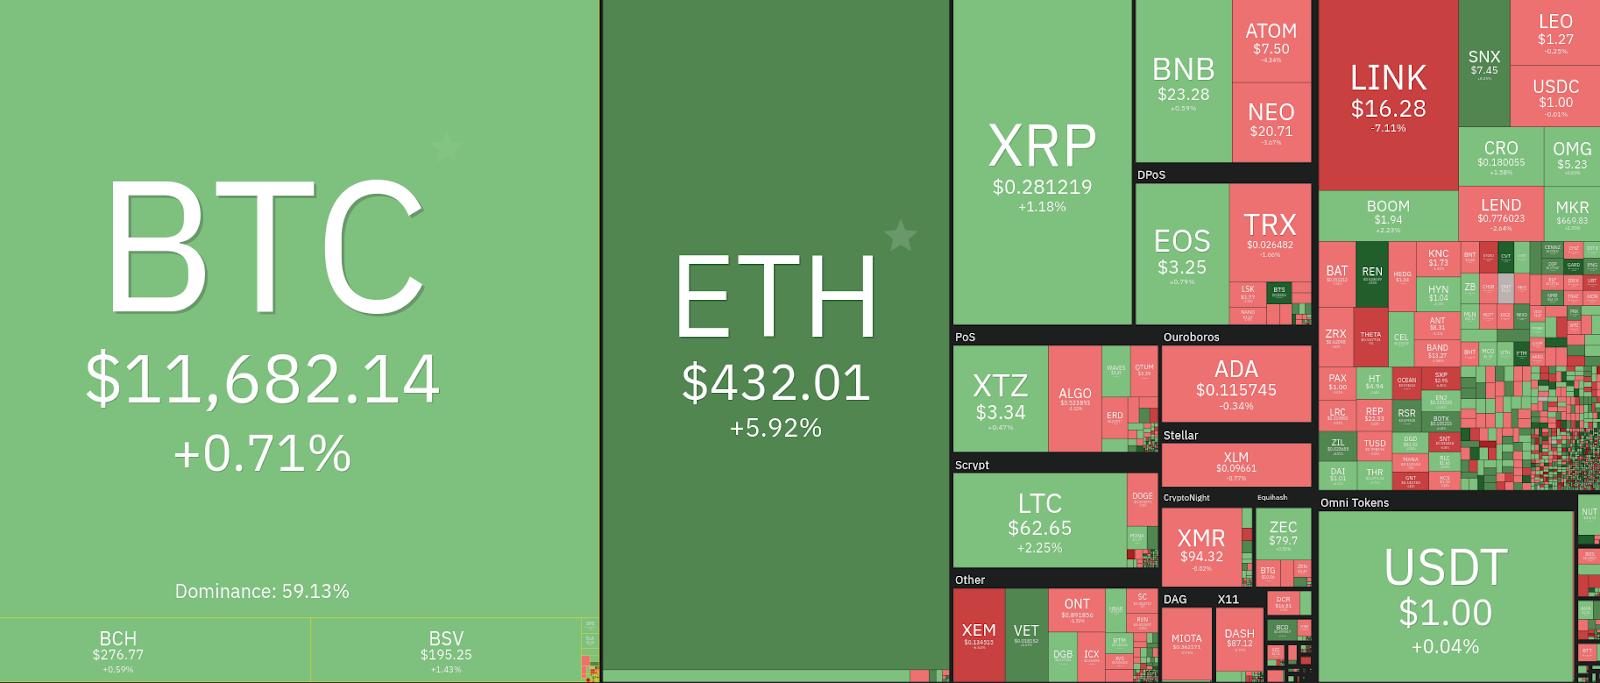 gráfico com as principais moedas e suas valorizações